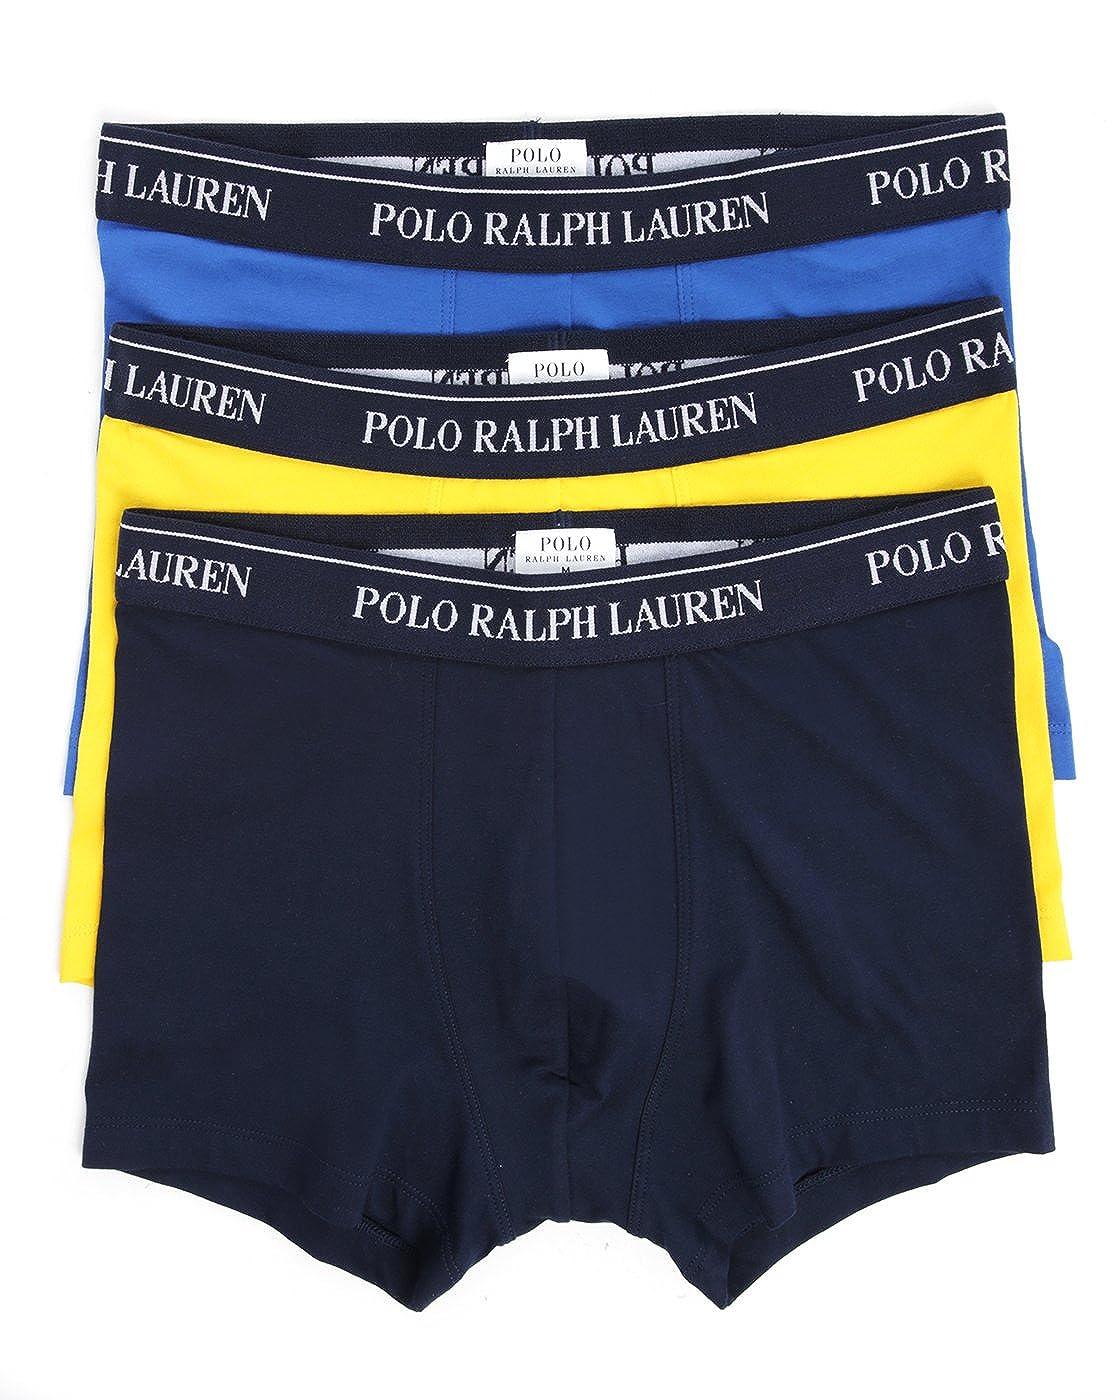 Polo Ralph Lauren 3-Unidades de Cara de bóxer de niño, Azul ...